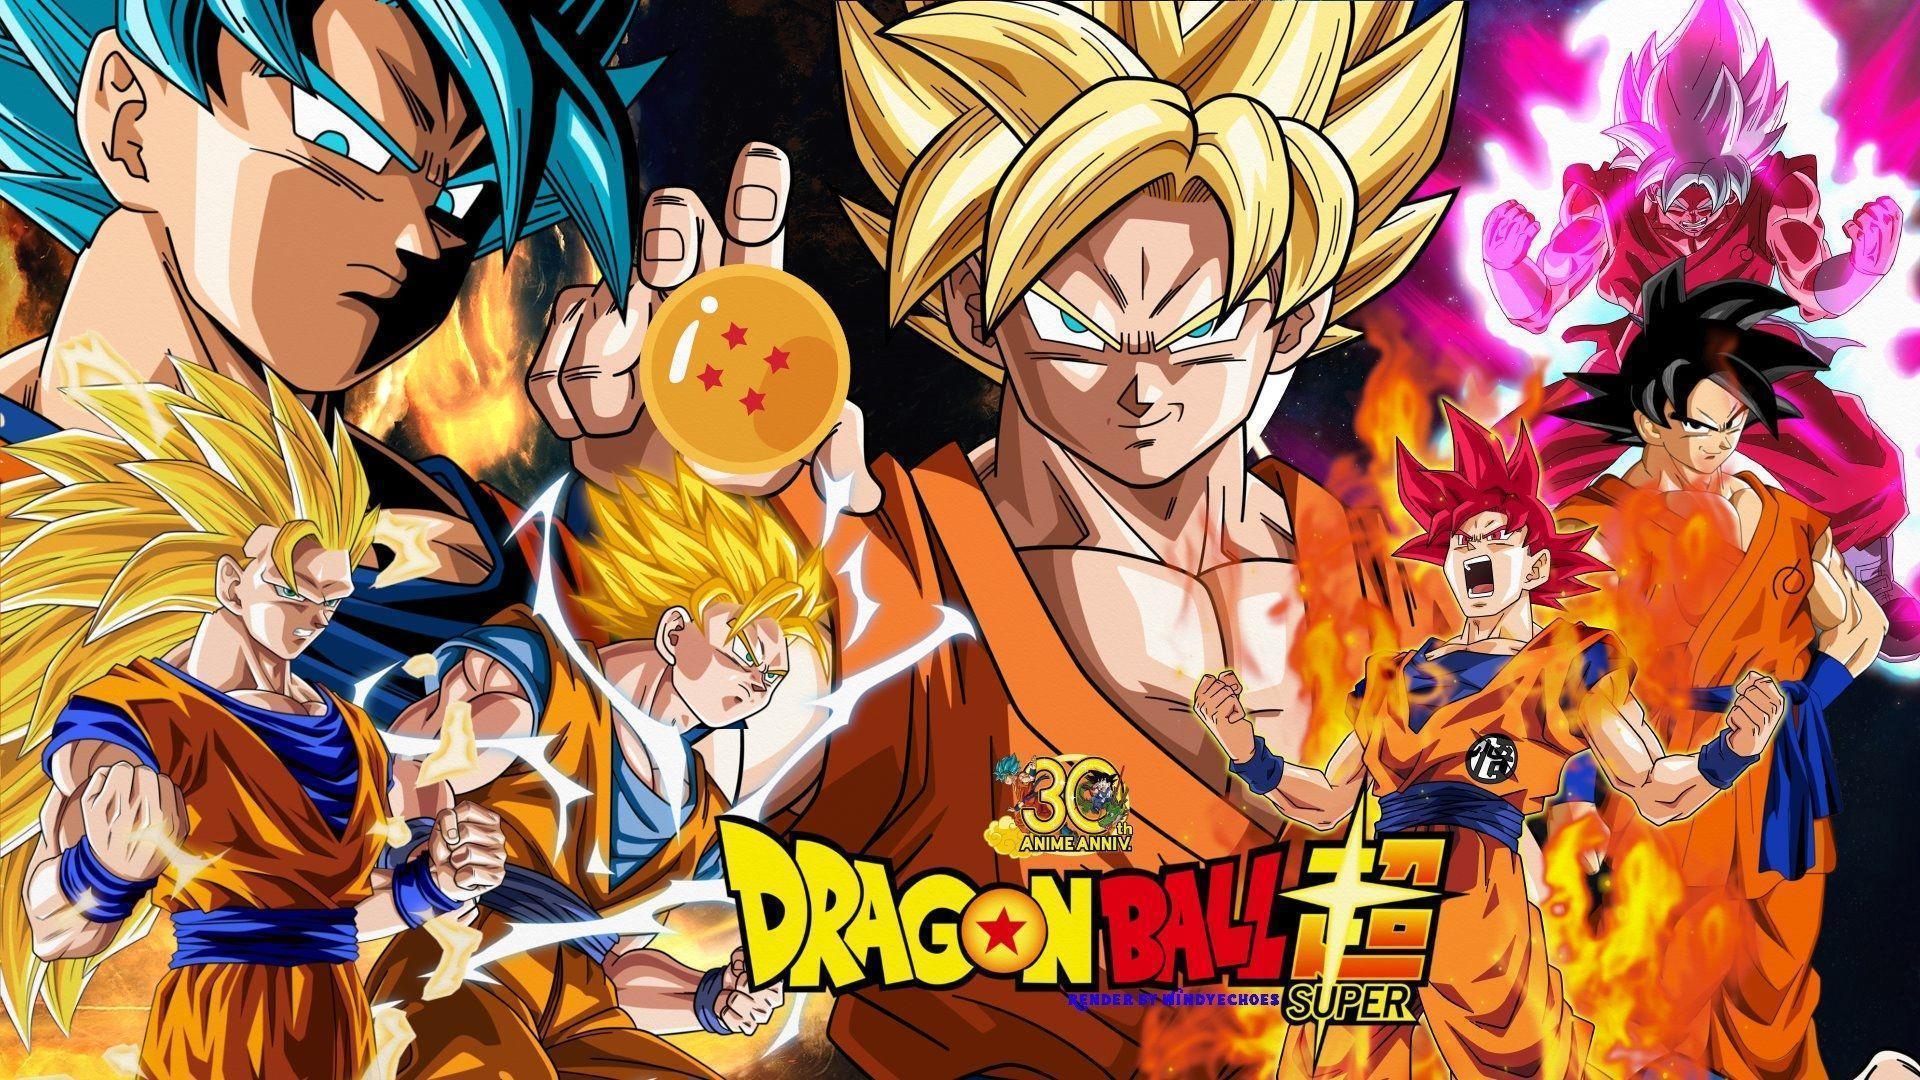 Dragon Ball Super Wallpapers - Wallpaper Cave